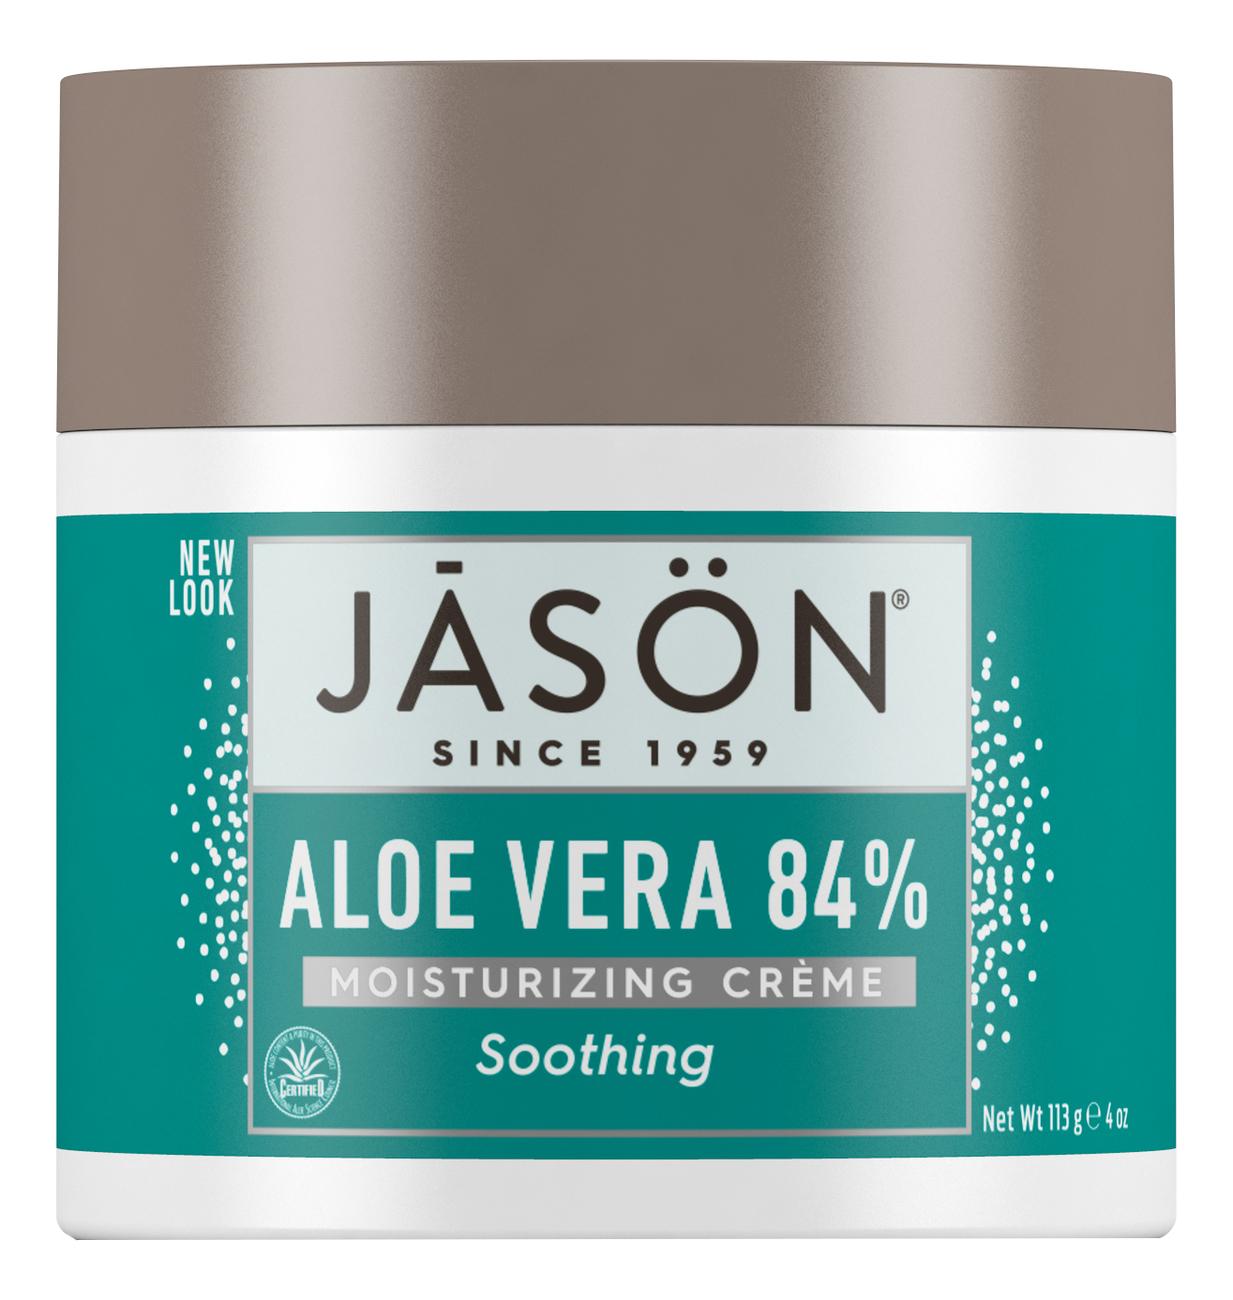 цена на Крем увлажняющий для лица и тела с экстрактом алоэ вера Soothing 84% Aloe Vera Moisturizing Creme 113мл